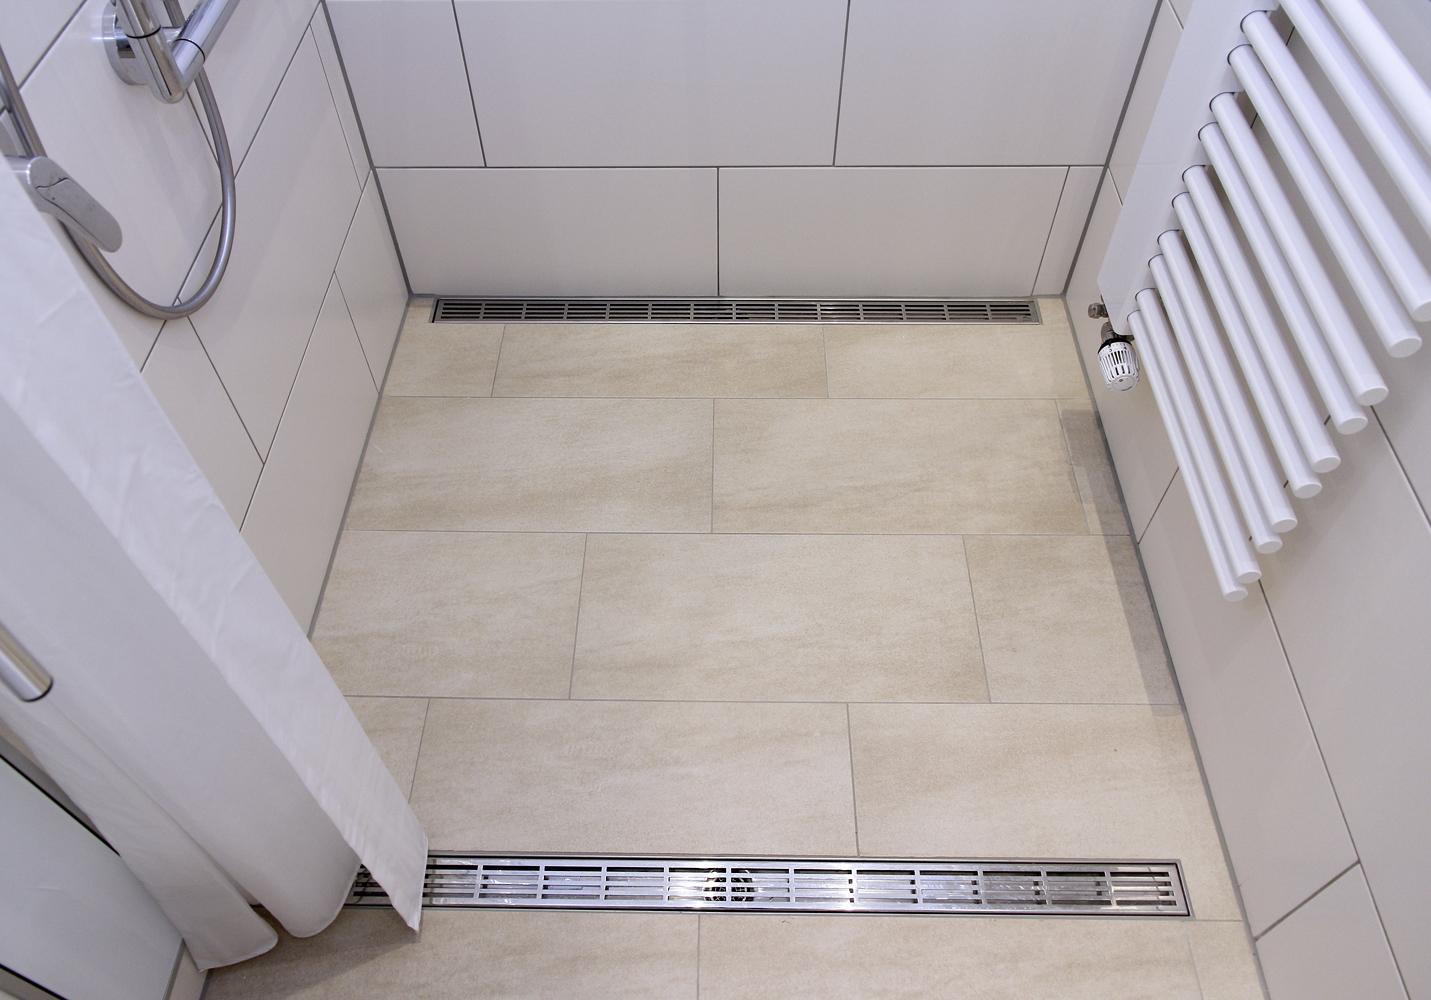 Der Duschvorhang ermöglicht den ungehinderten Zugang für eine helfende Person.